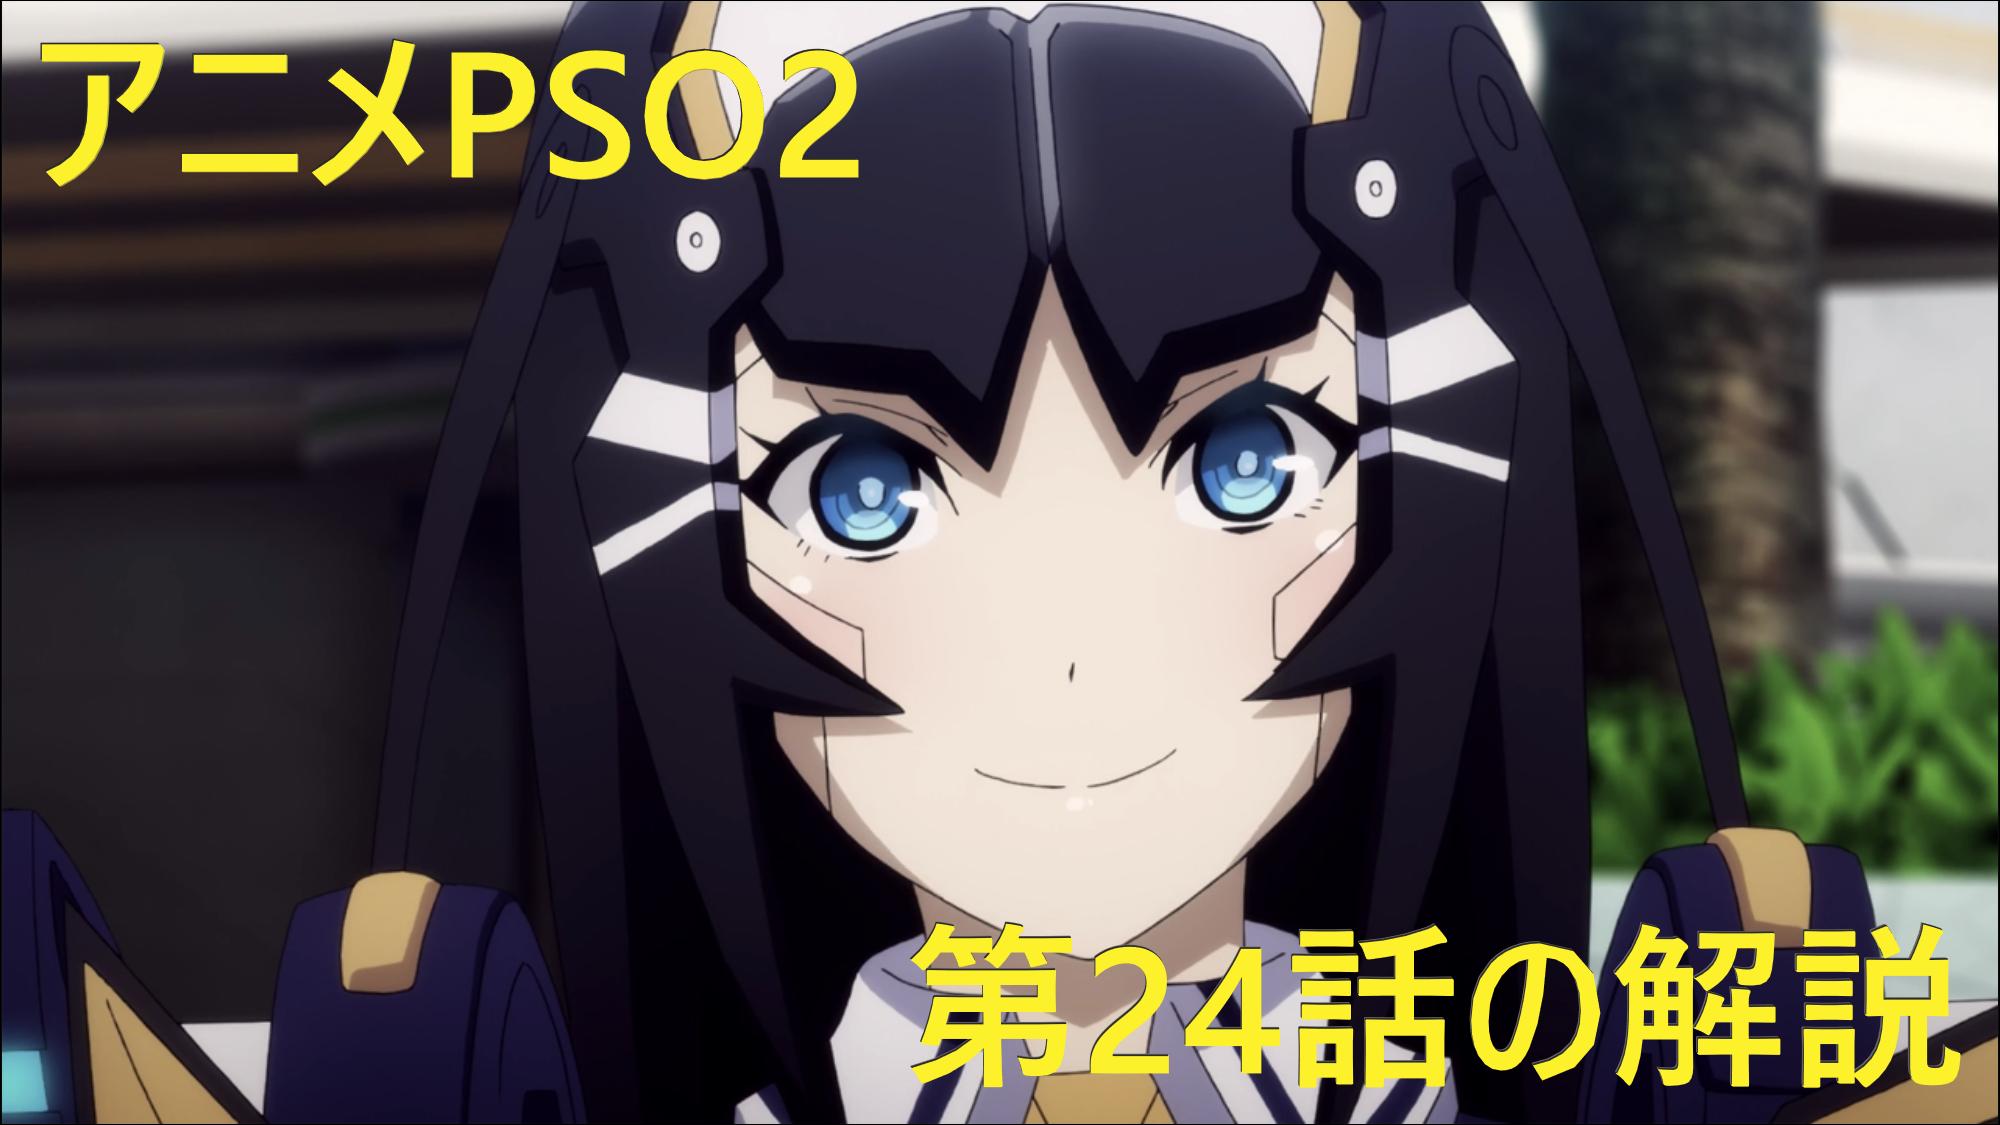 【アニメPSO2】第24話の解説:マトイを救う方法は?リサはどうしちゃったの?ほか